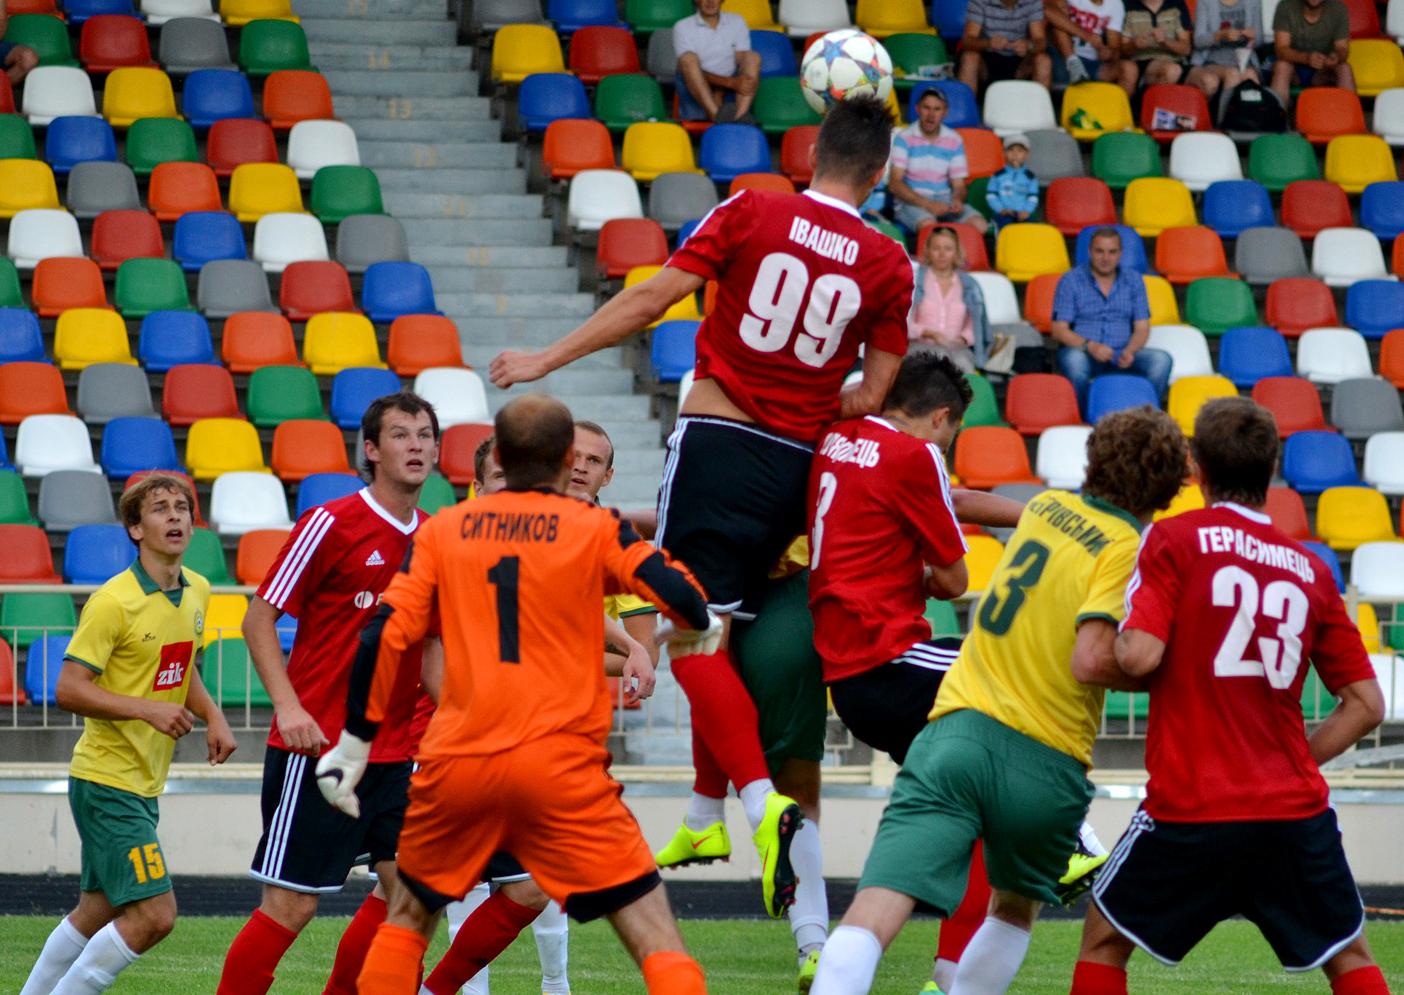 Гірник-Спорт двічі оступився у матчах з Нивою. І не лише він, фото fcnyva.com